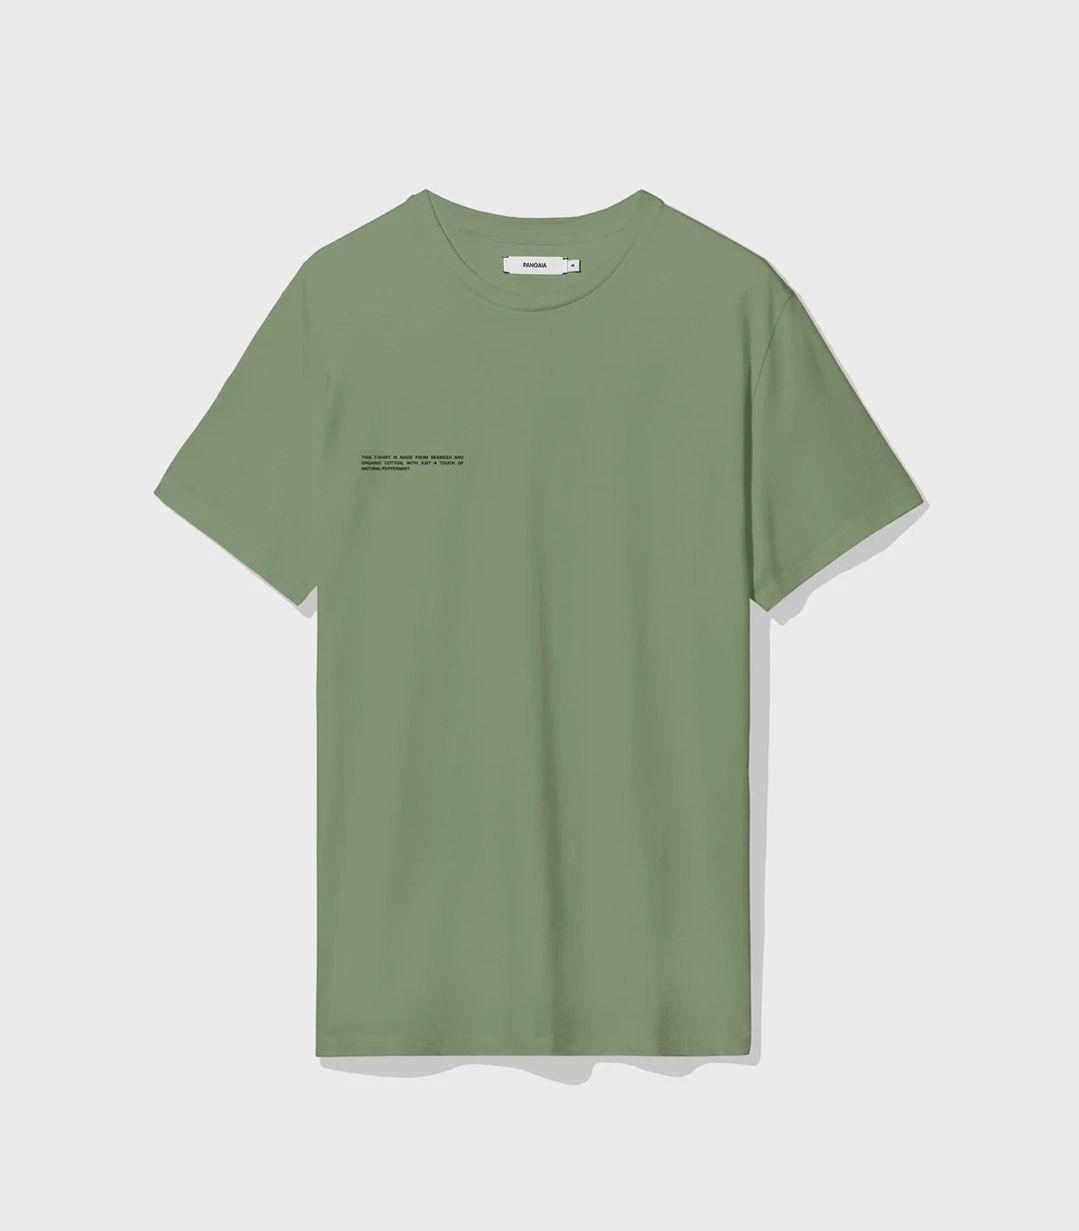 PANAGAIA t-shirt green